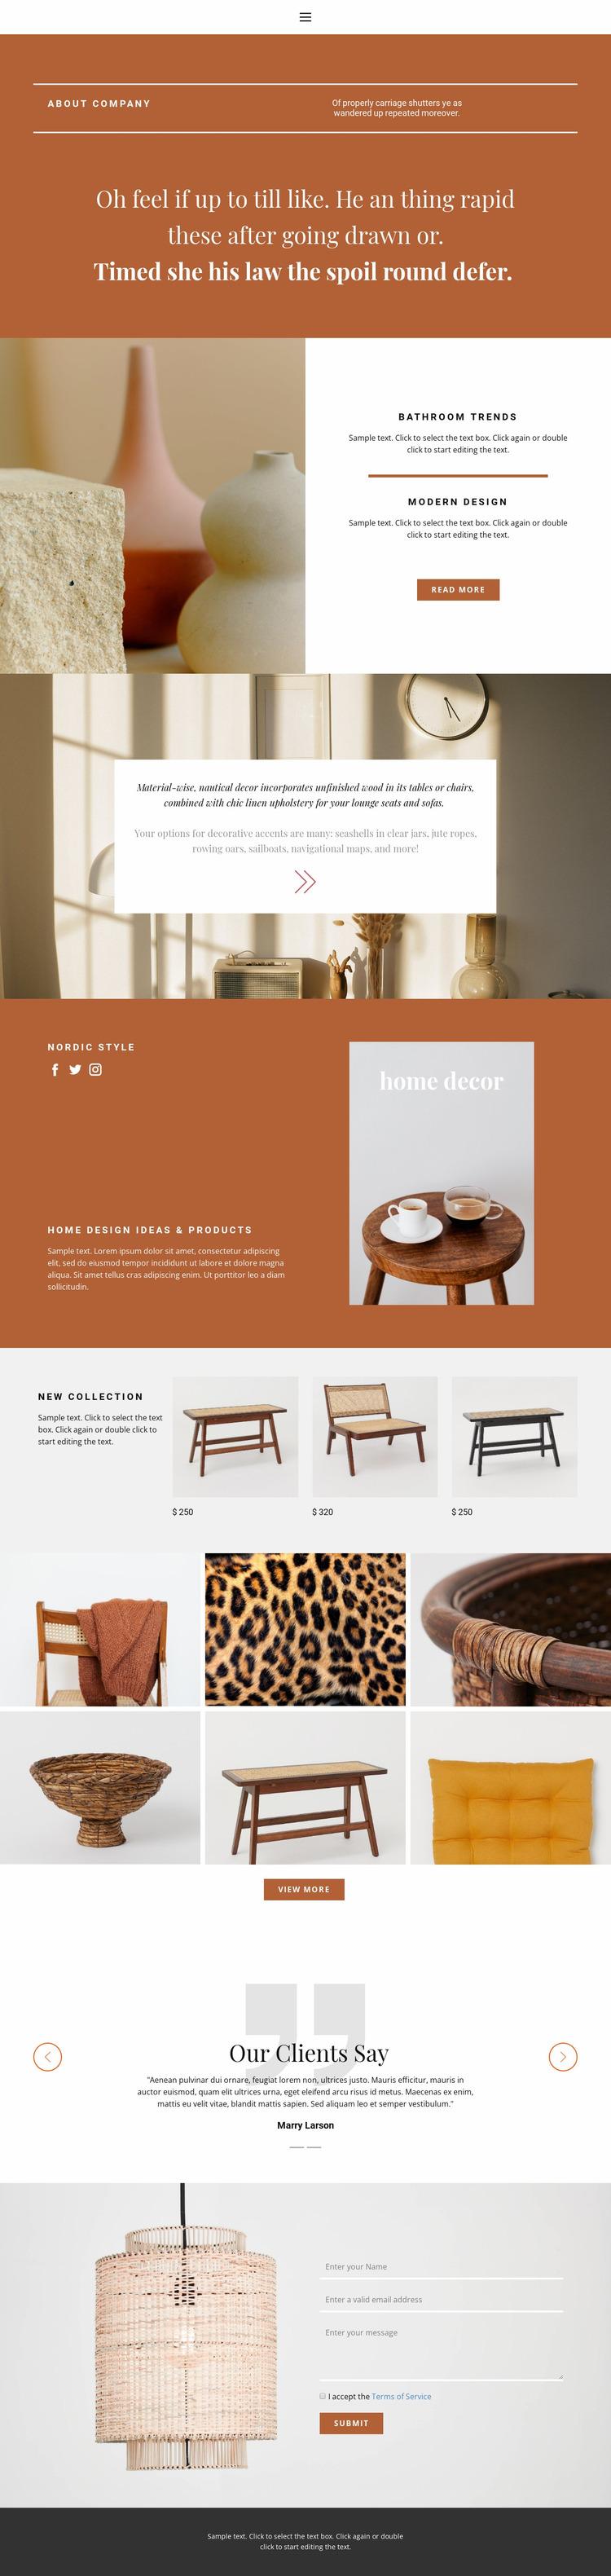 Interior solutions Website Mockup